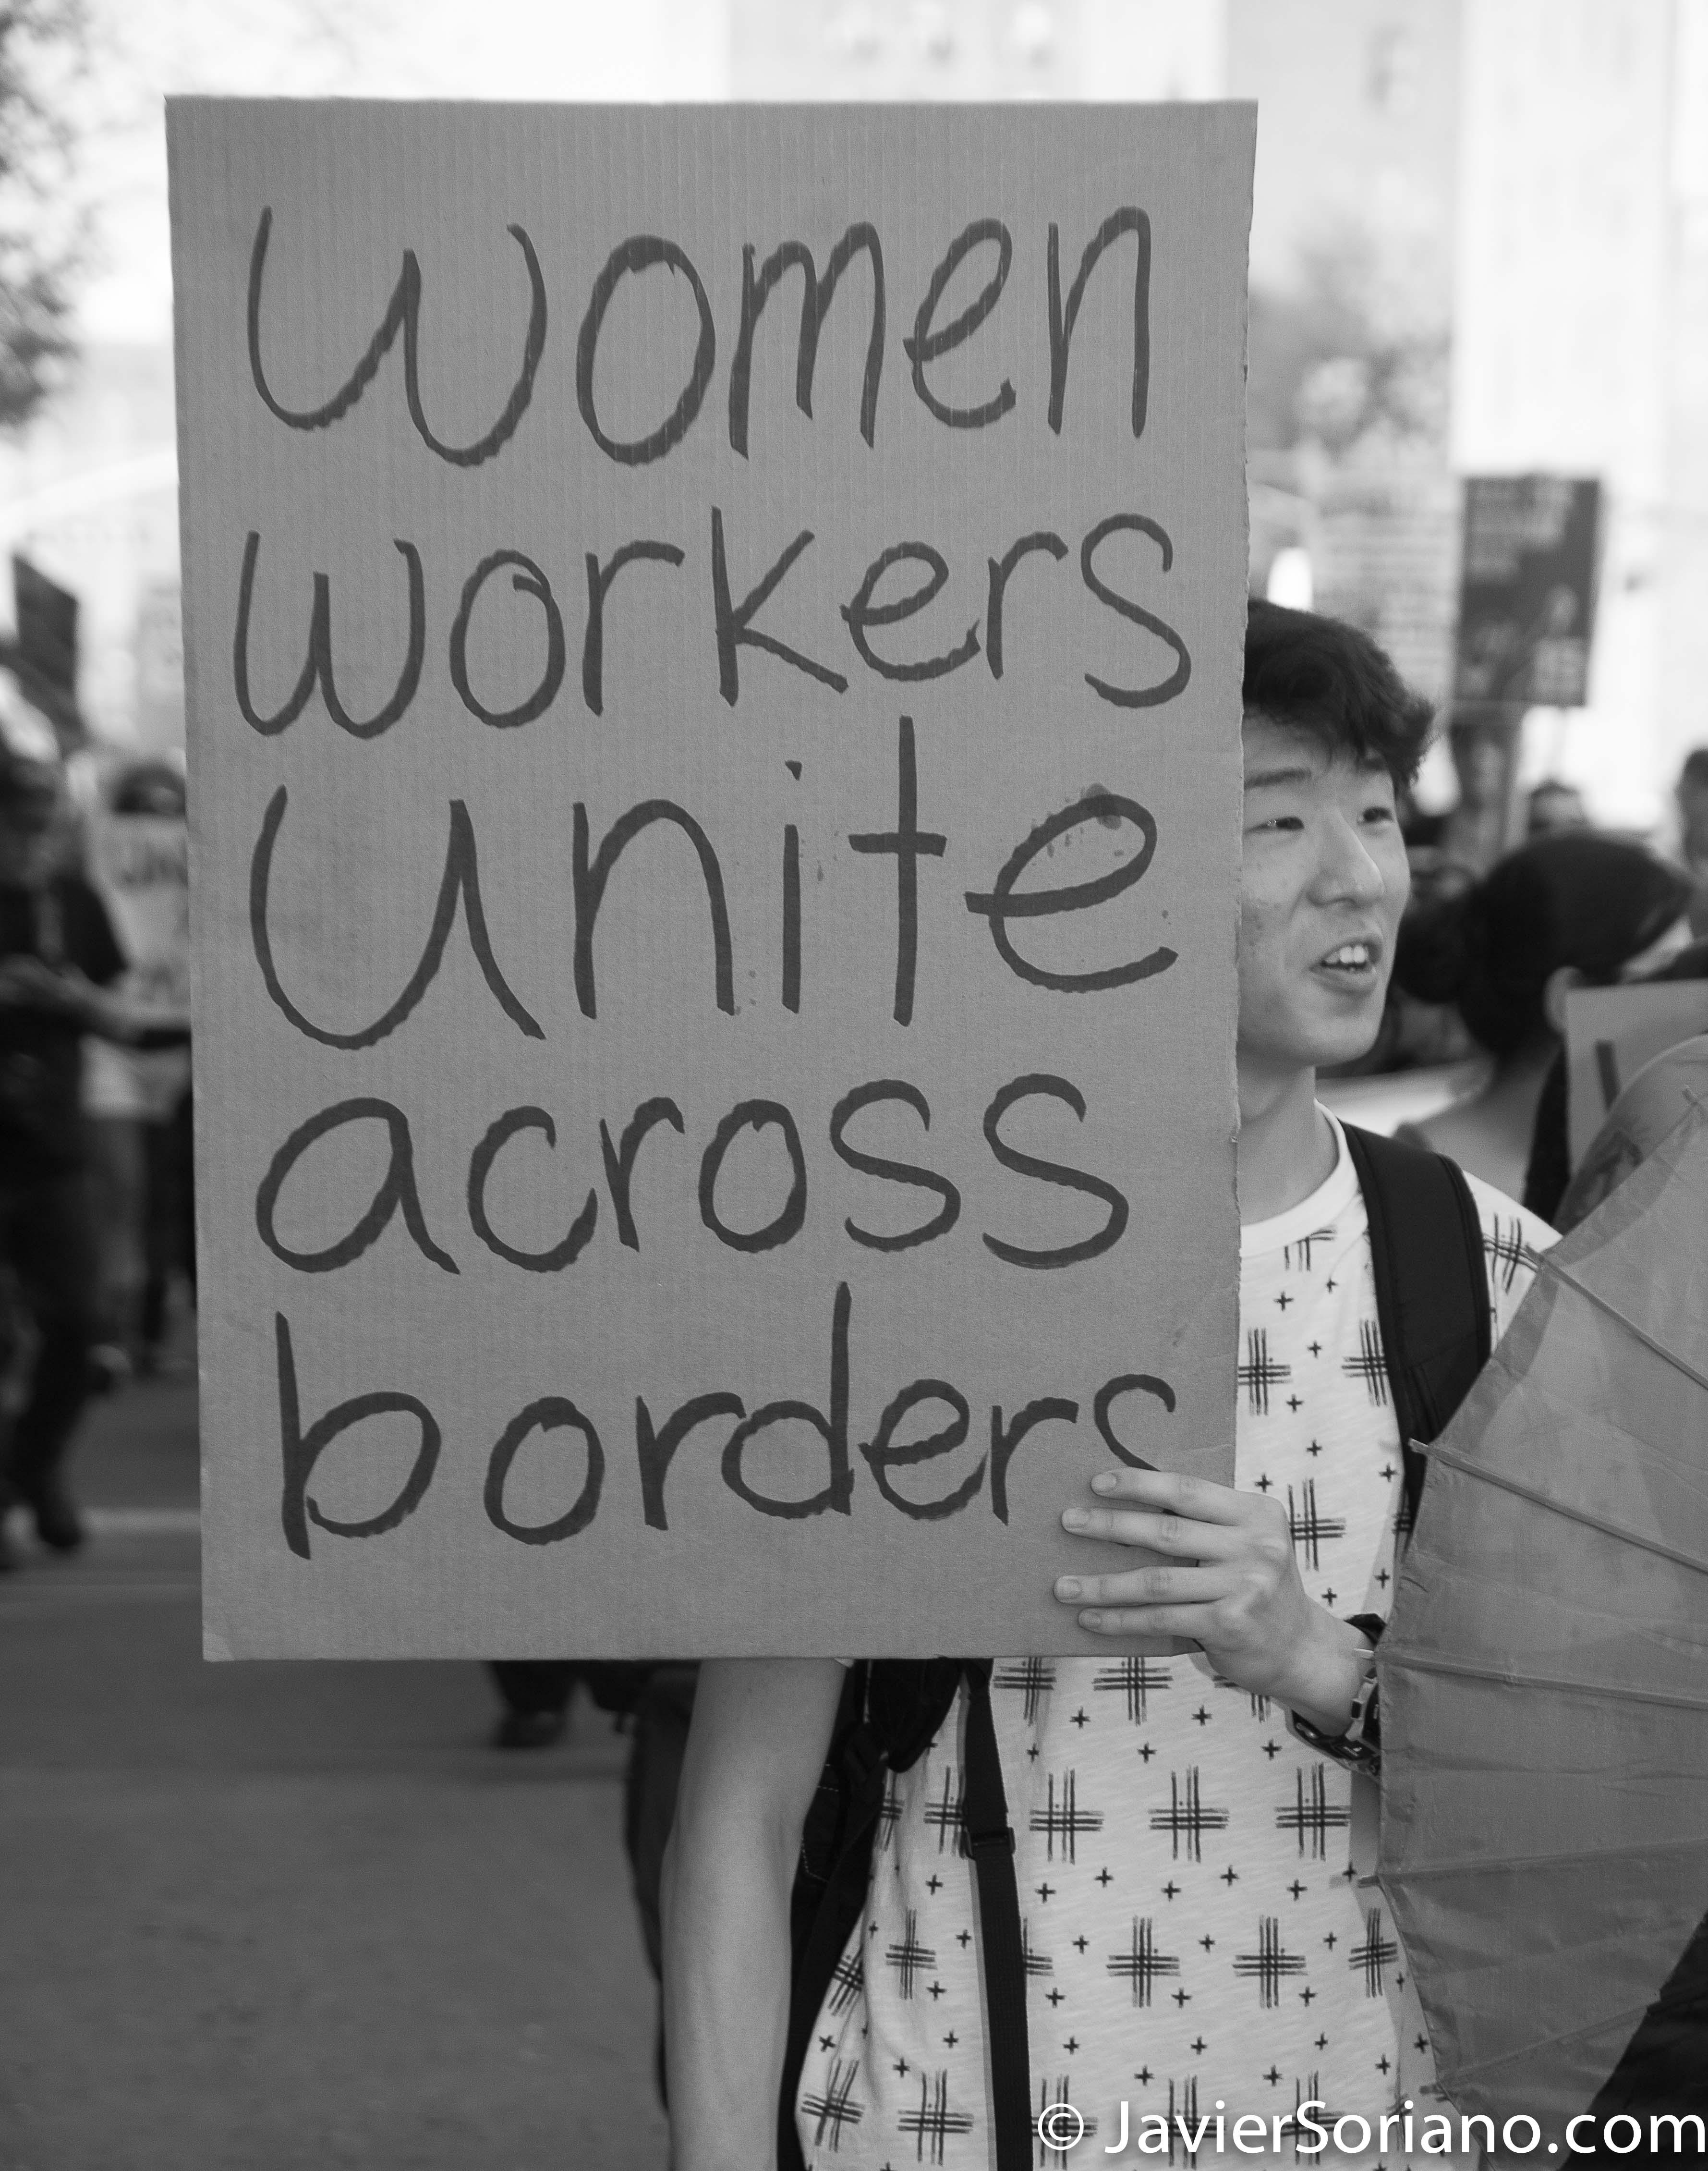 """Thursday, May 1, 2014. New York City – International Workers' Day or May Day. """"Women workers unite across borders"""" Jueves 1 de mayo de 2014. Ciudad de Nueva York: Día Internacional de los Trabajadores o May Day. Photo by Javier Soriano/JavierSoriano.com"""